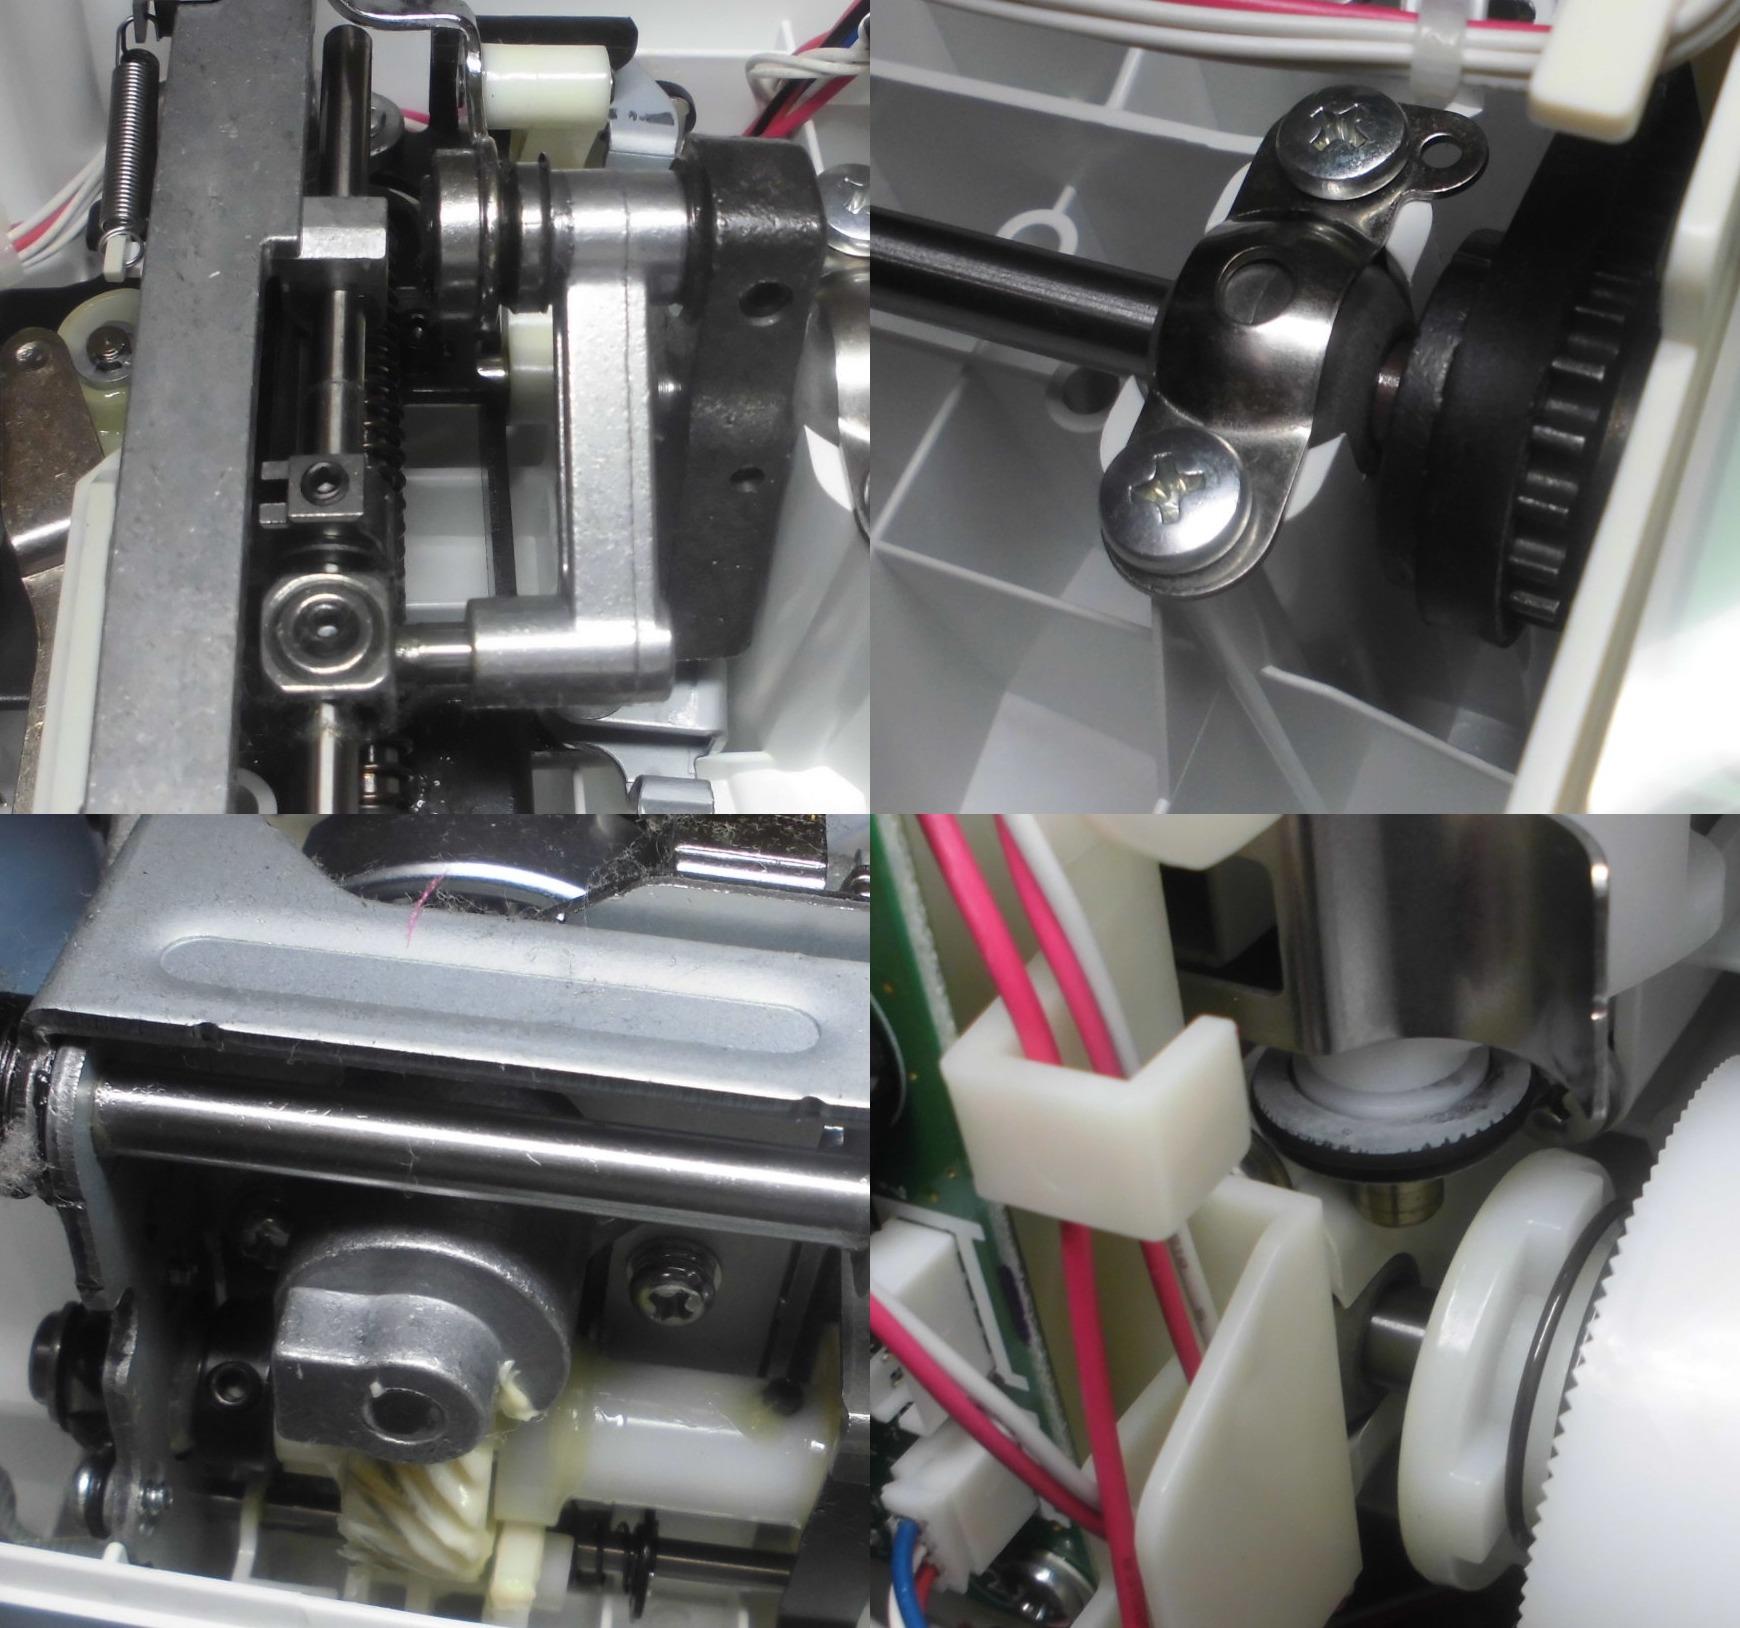 CPS4802の故障や不具合|ミシンが動かない、縫えない、エラー